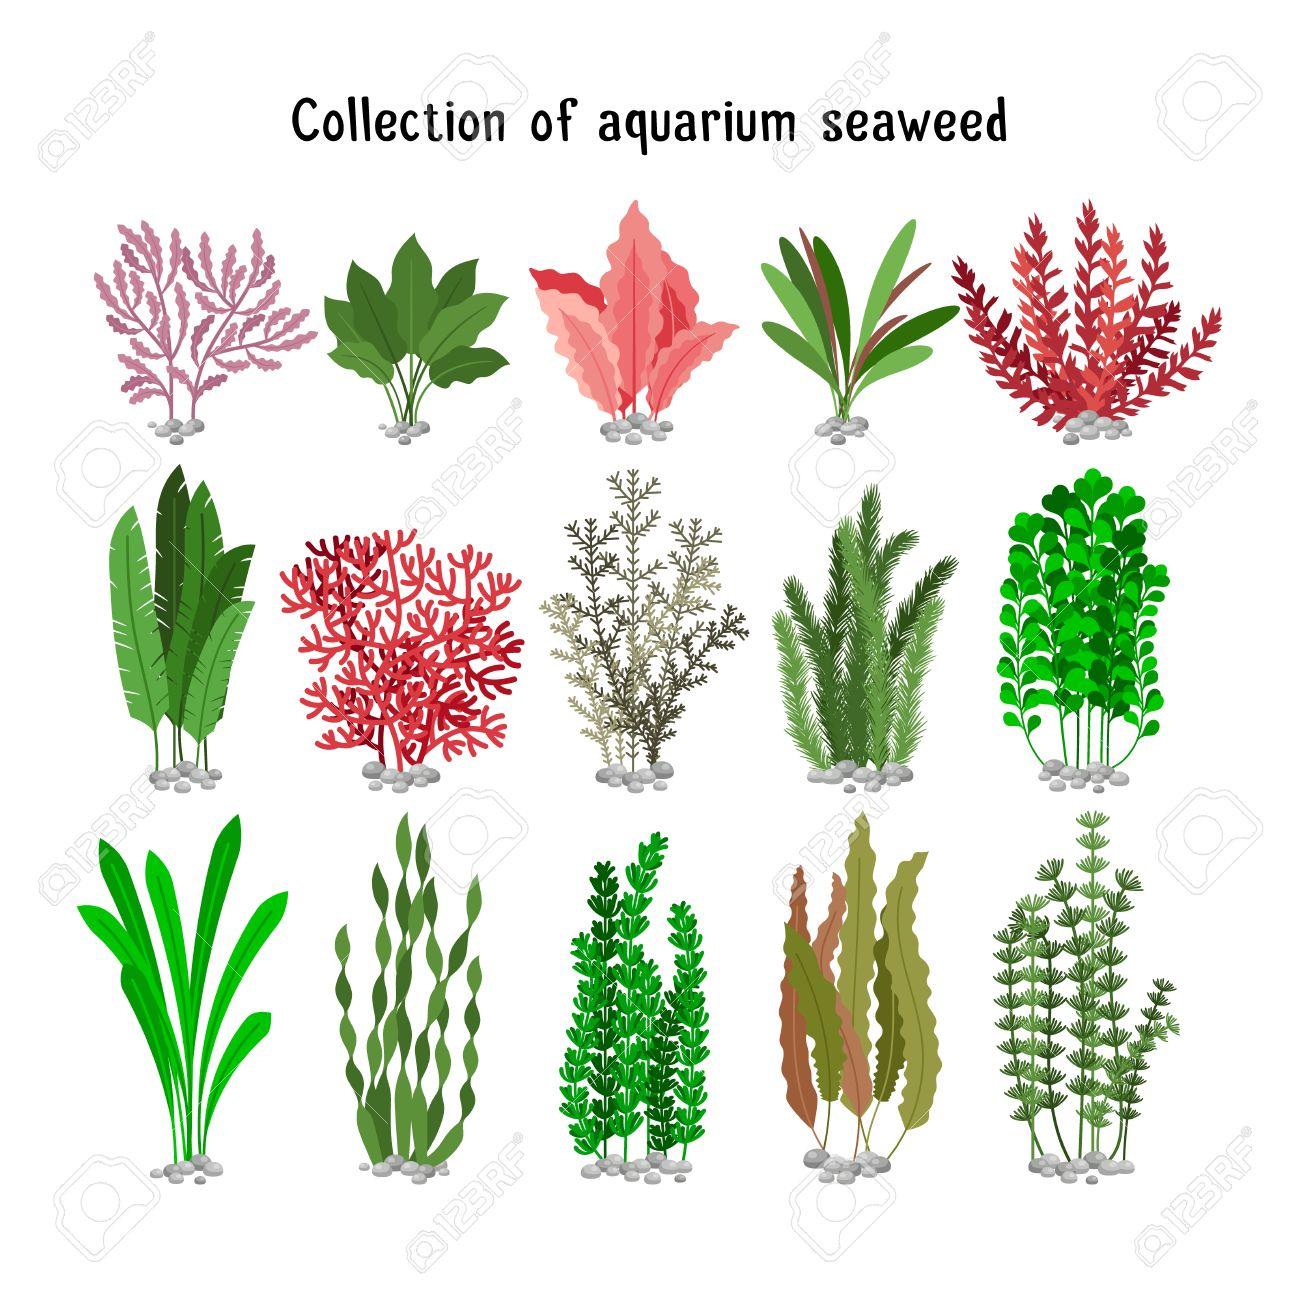 Vettoriale Set Di Illustrazione Di Alghe Giallo E Marrone Rosso